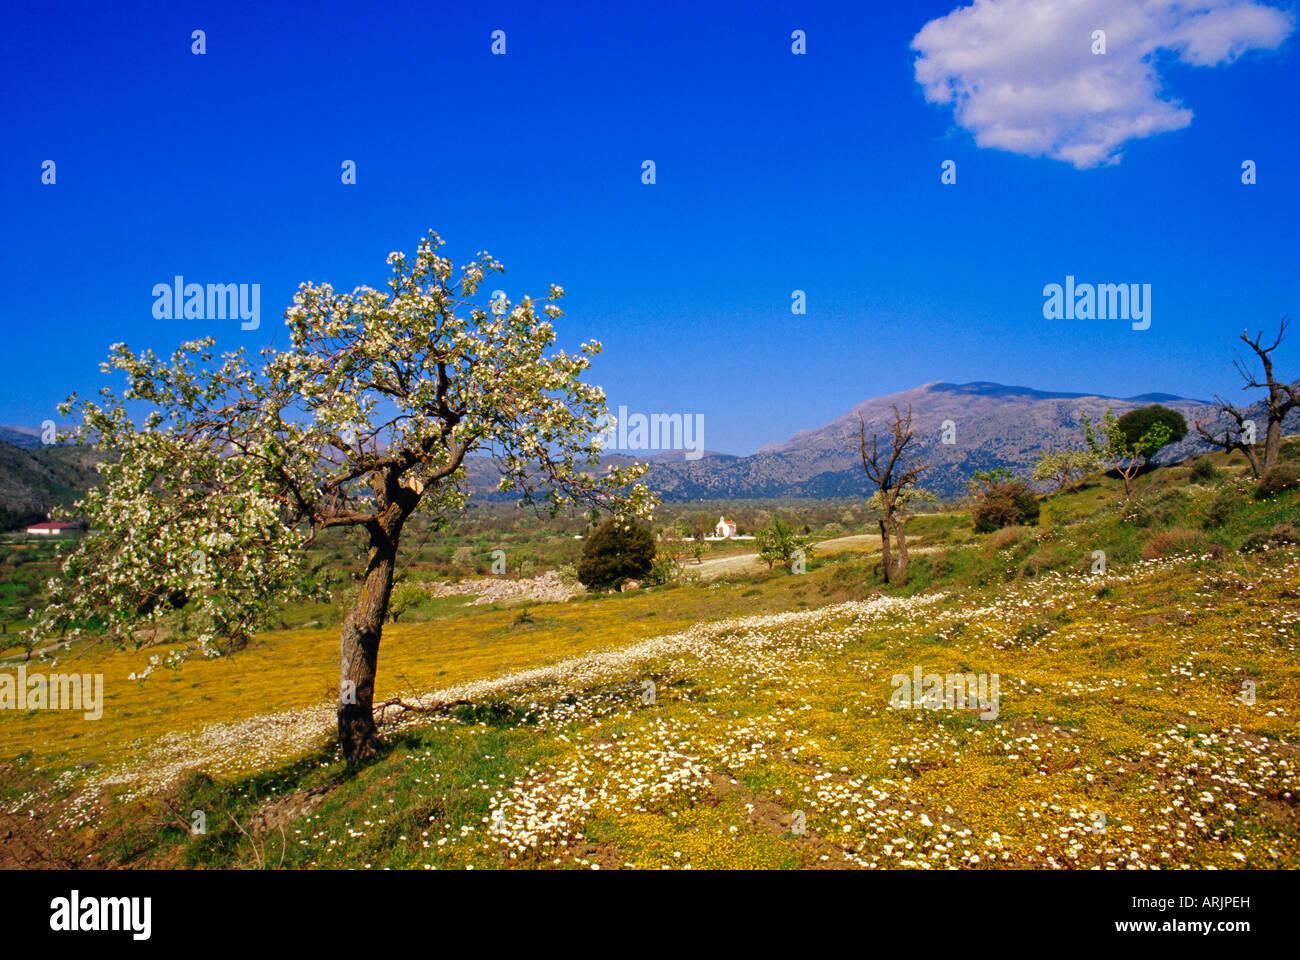 Bäume in Blüte und Frühling Blumen in der Nähe von Messa, Lassithi-Hochebene, Kreta, Griechenland Stockbild